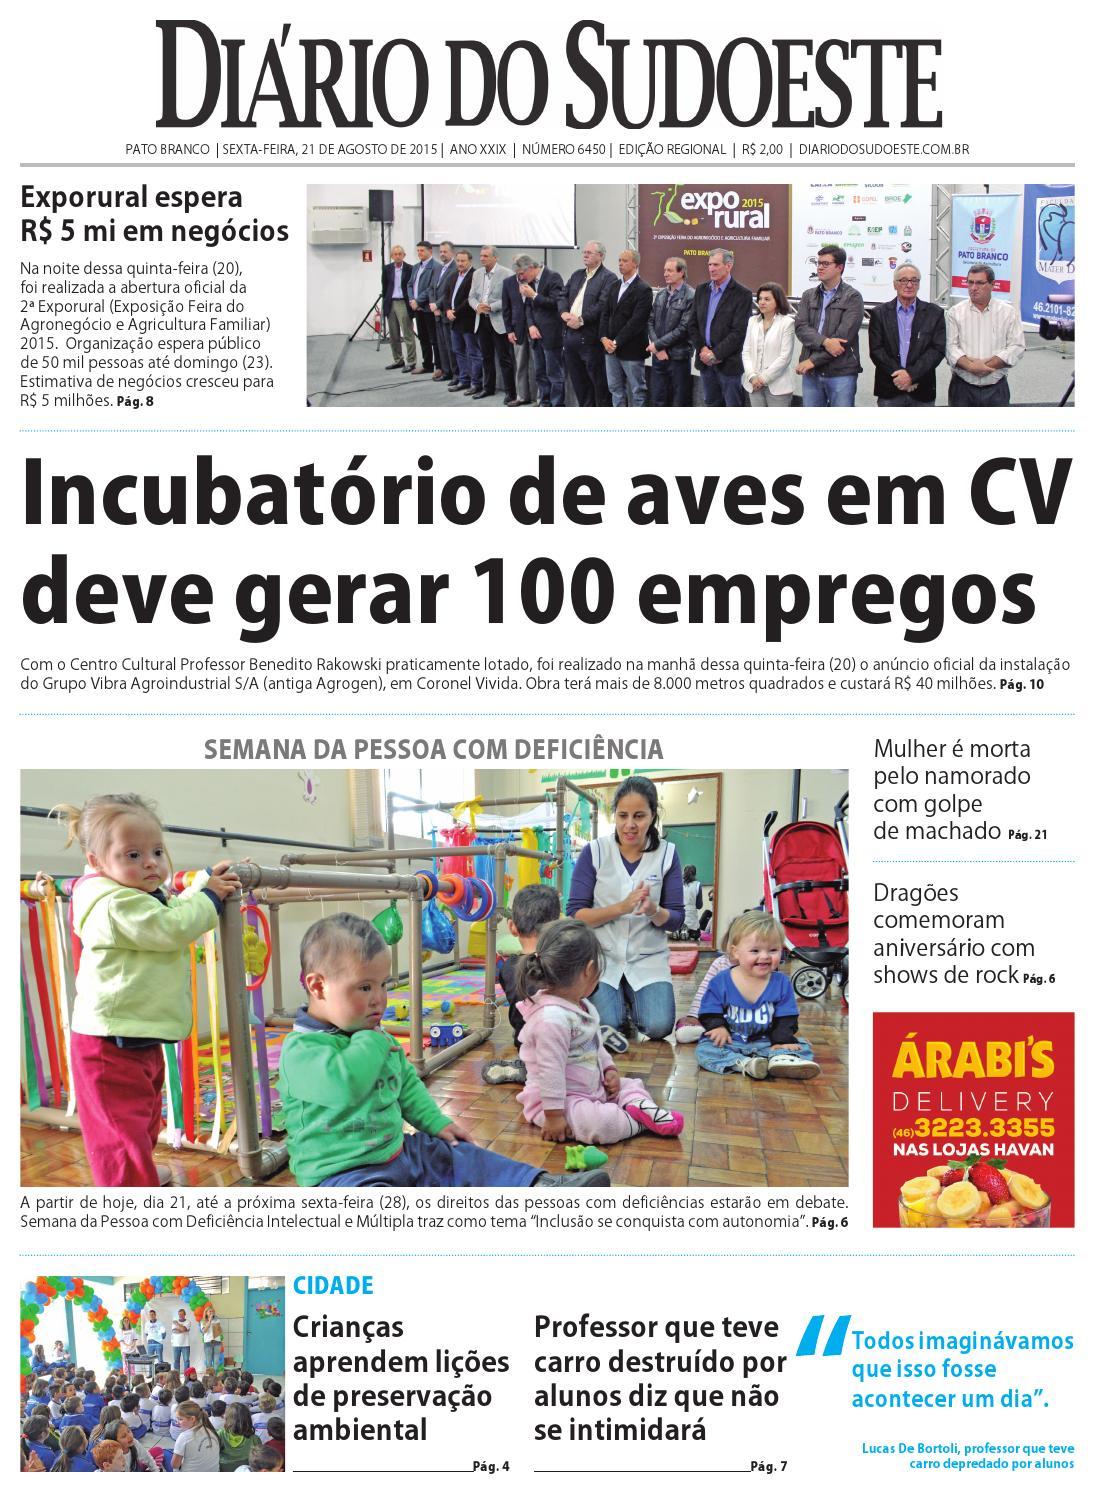 Diário do sudoeste 21 de agosto de 2015 ed 6450 by Diário do Sudoeste -  issuu 65dcfbcab1f0d